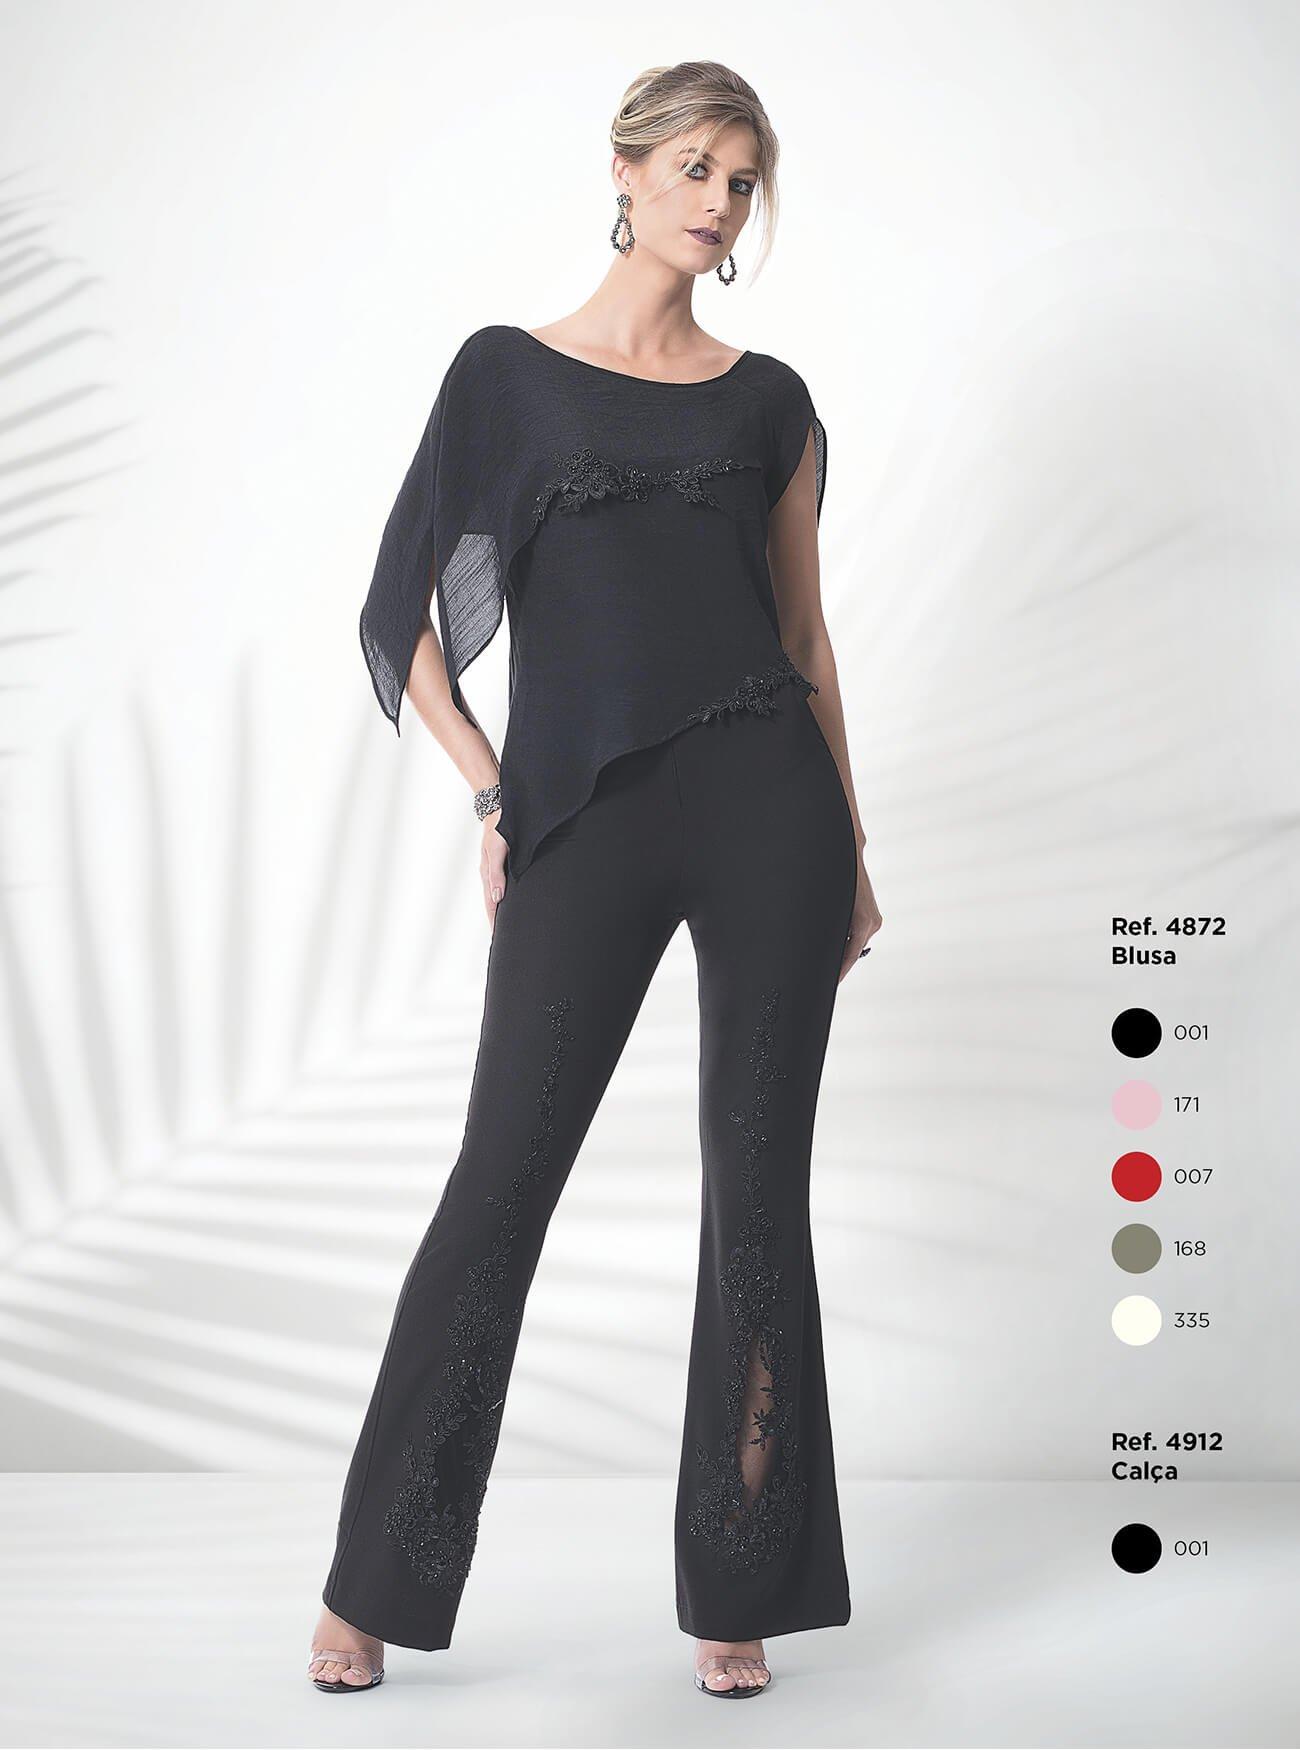 Blusa assimétrica | Calça flare com transparência e bordados